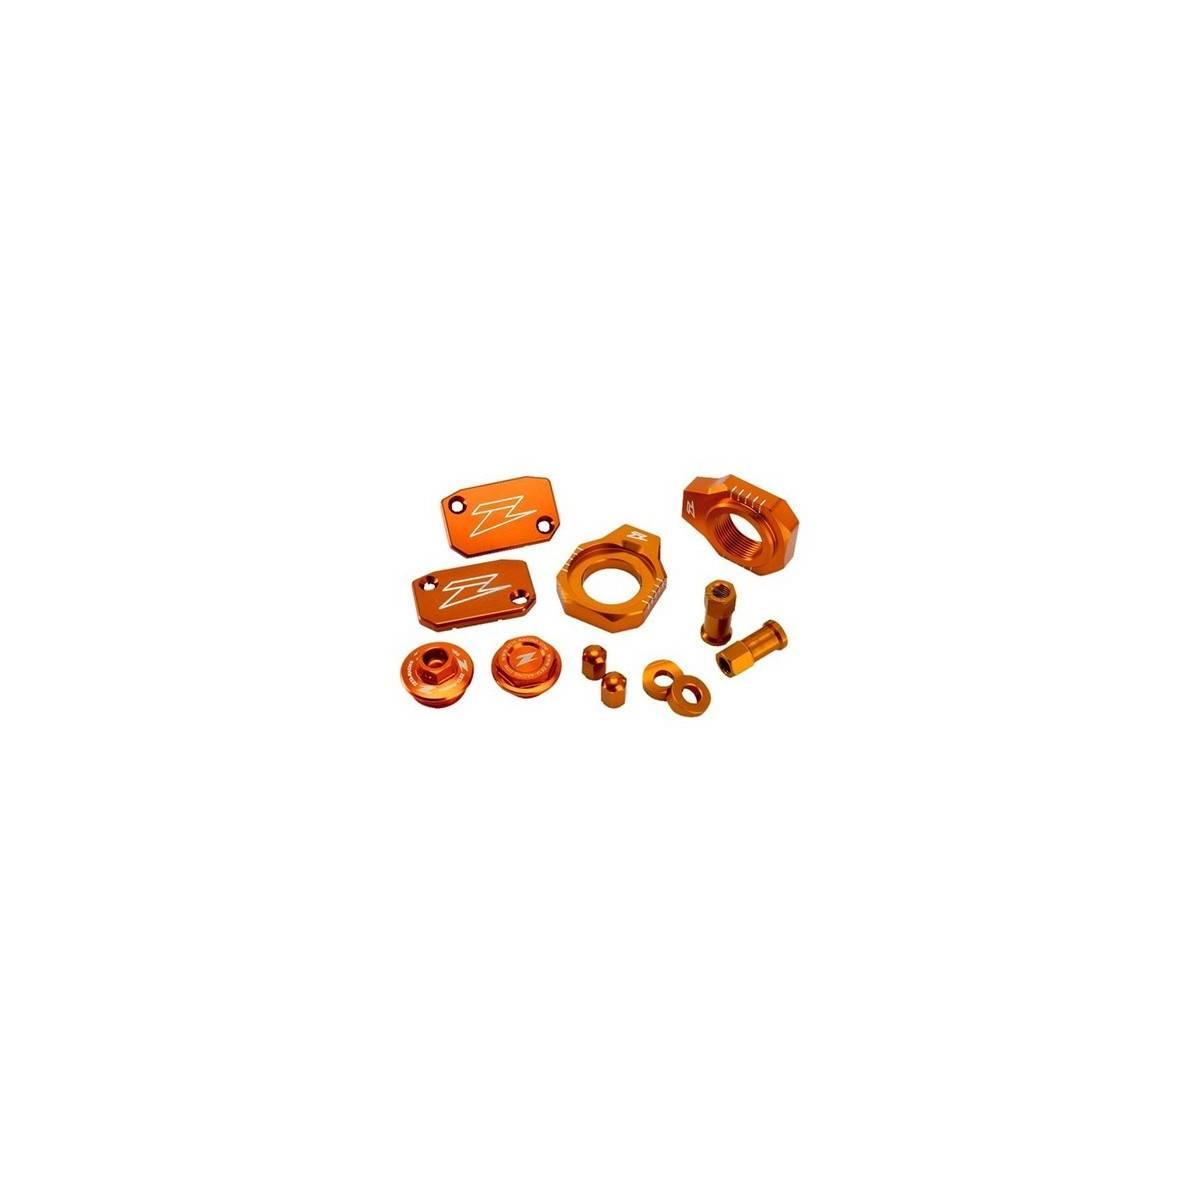 ZE51.2433 - Kit Completo Ktm Exc Exc-F Naranja